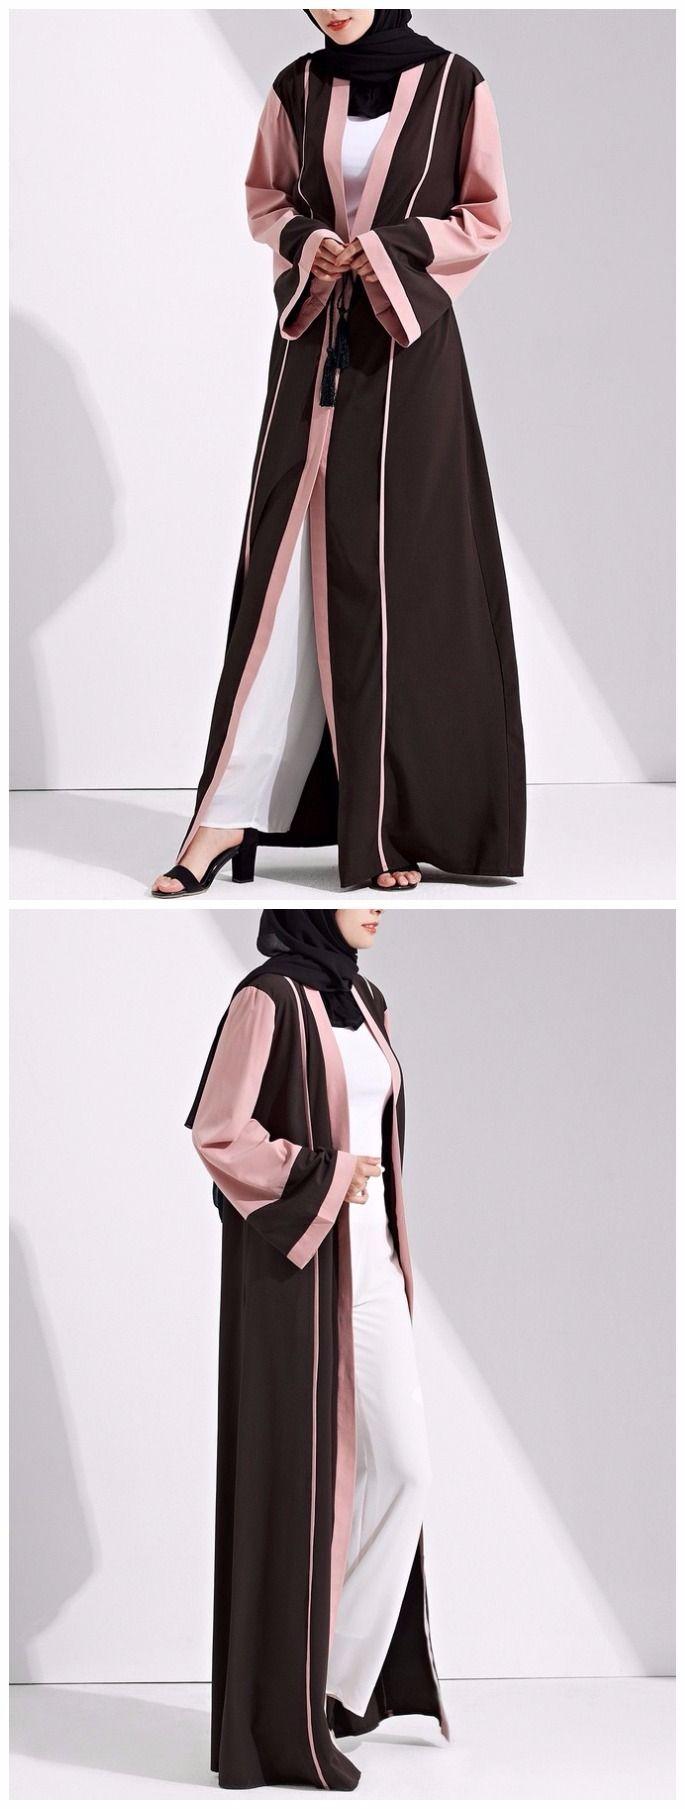 #abaya #abayafashion #fashion abaya style